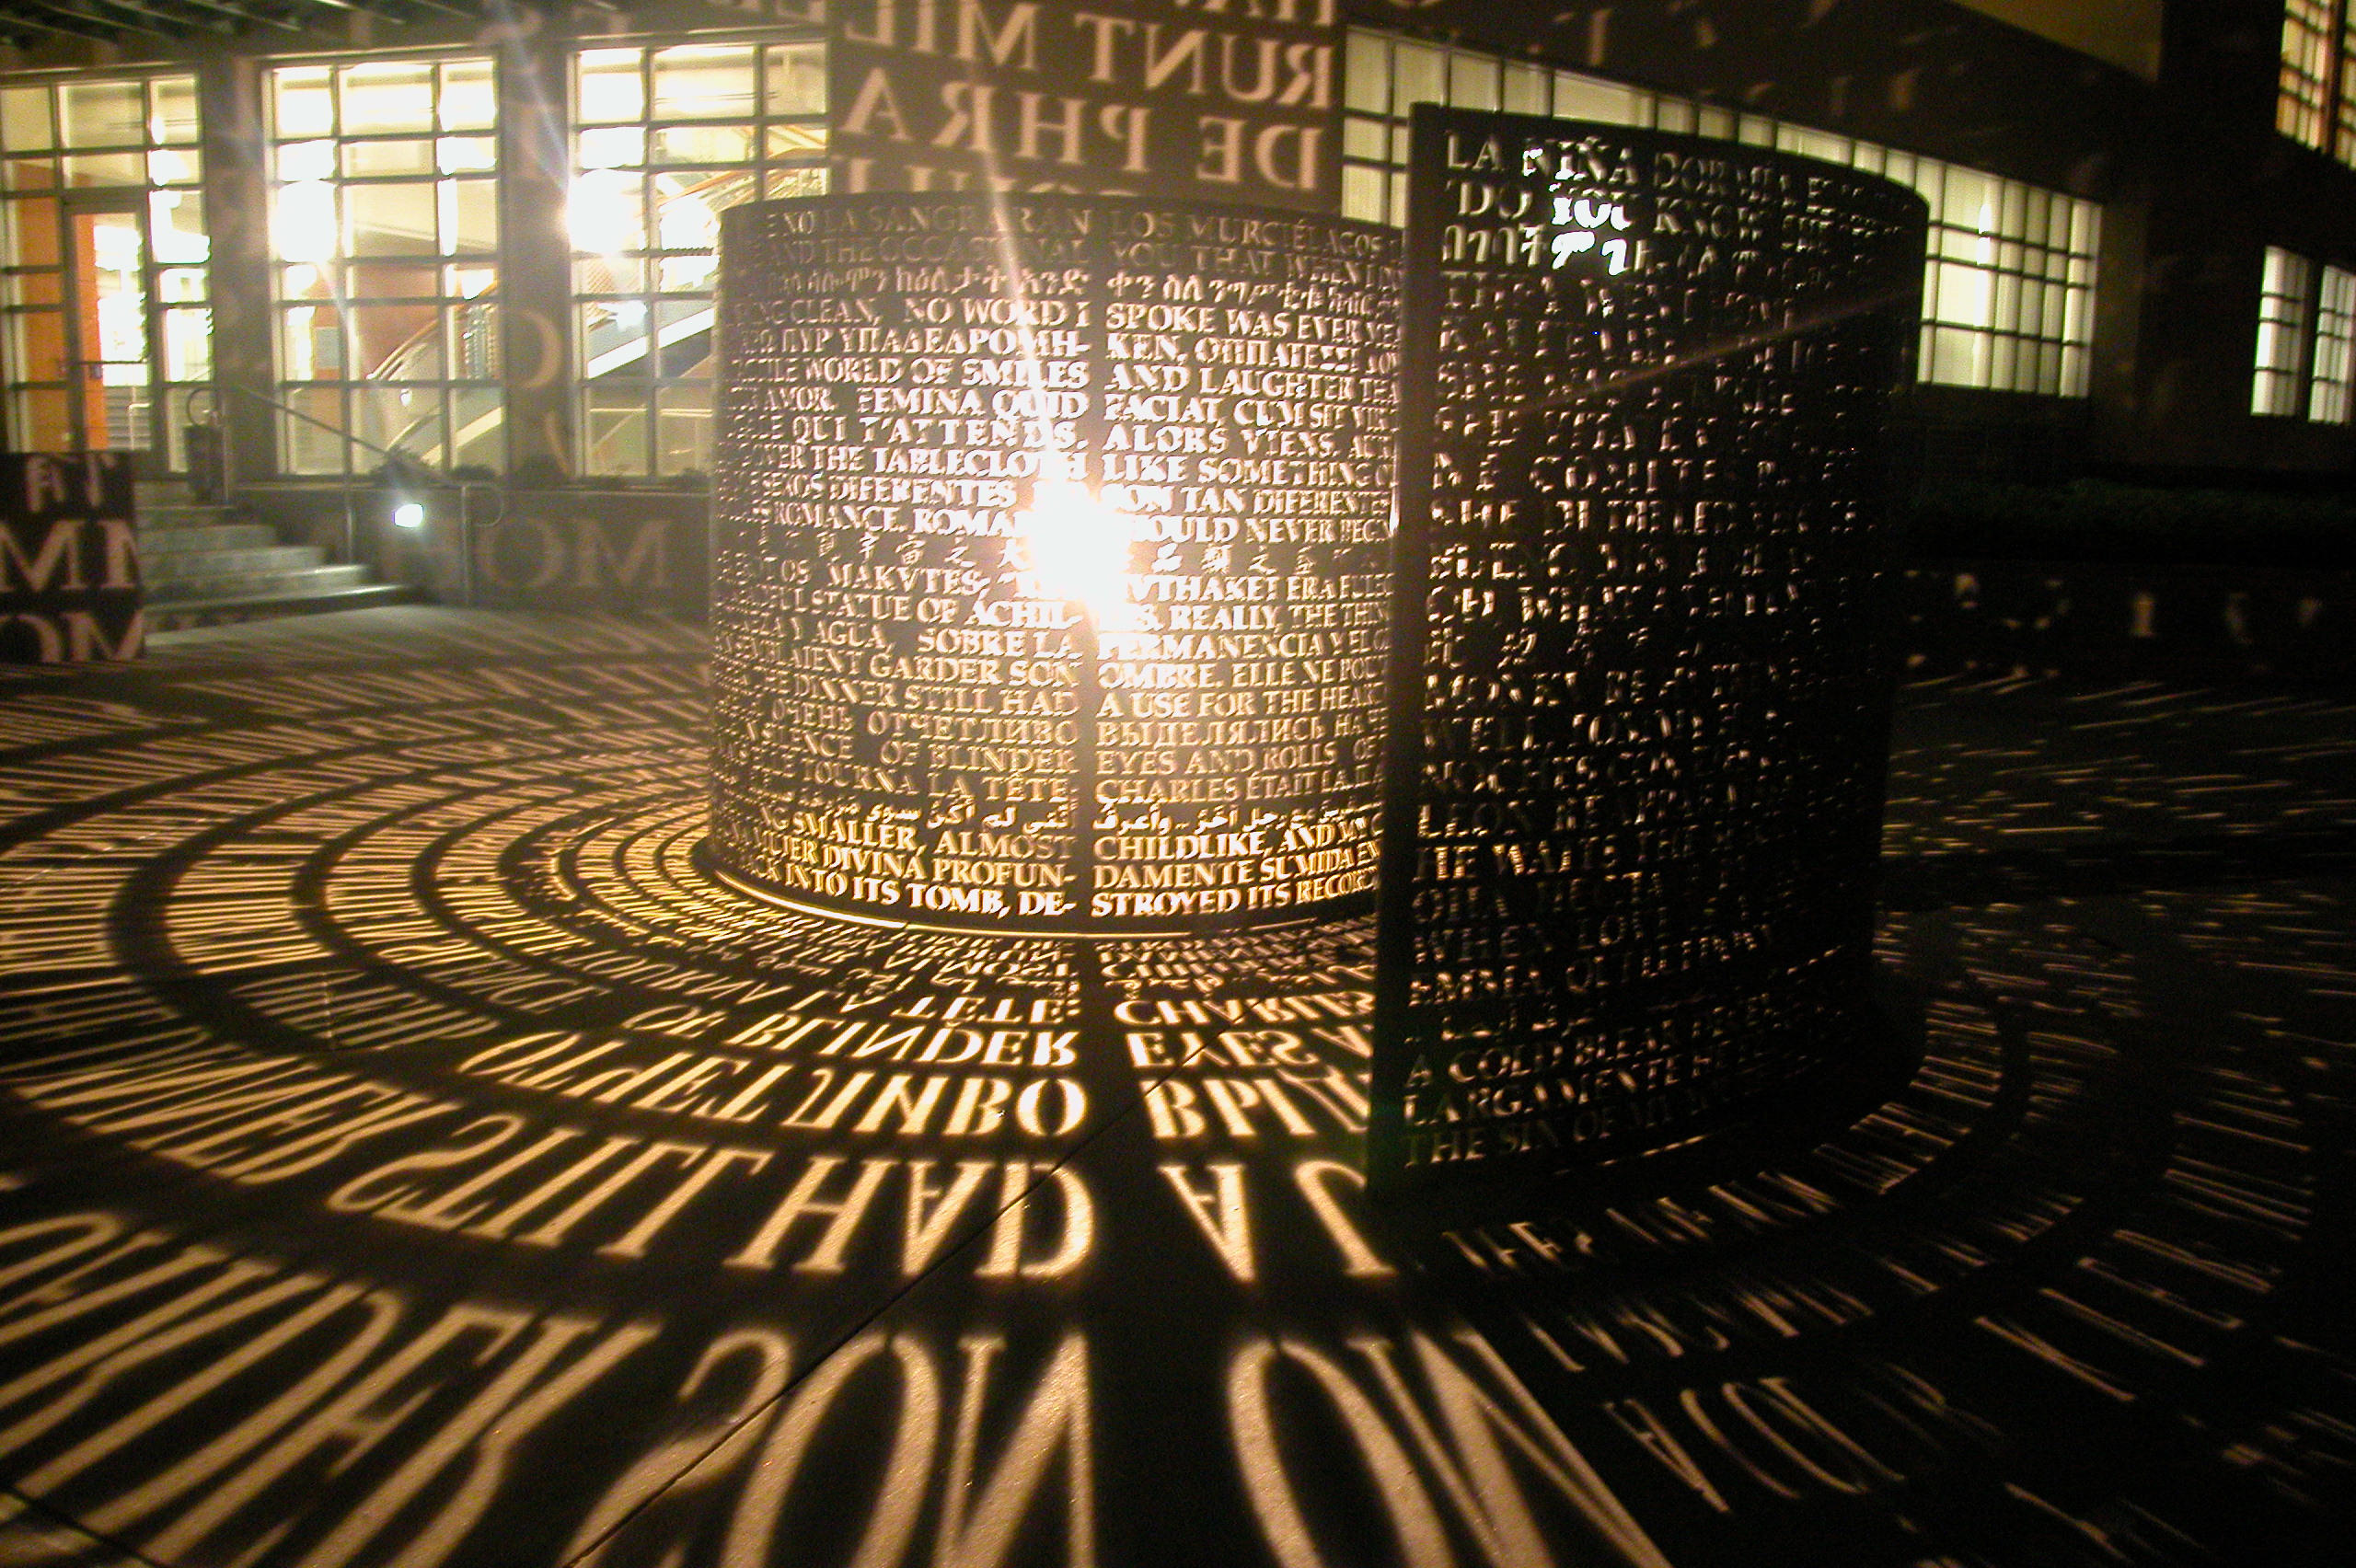 Library Spiral II by Stillbored